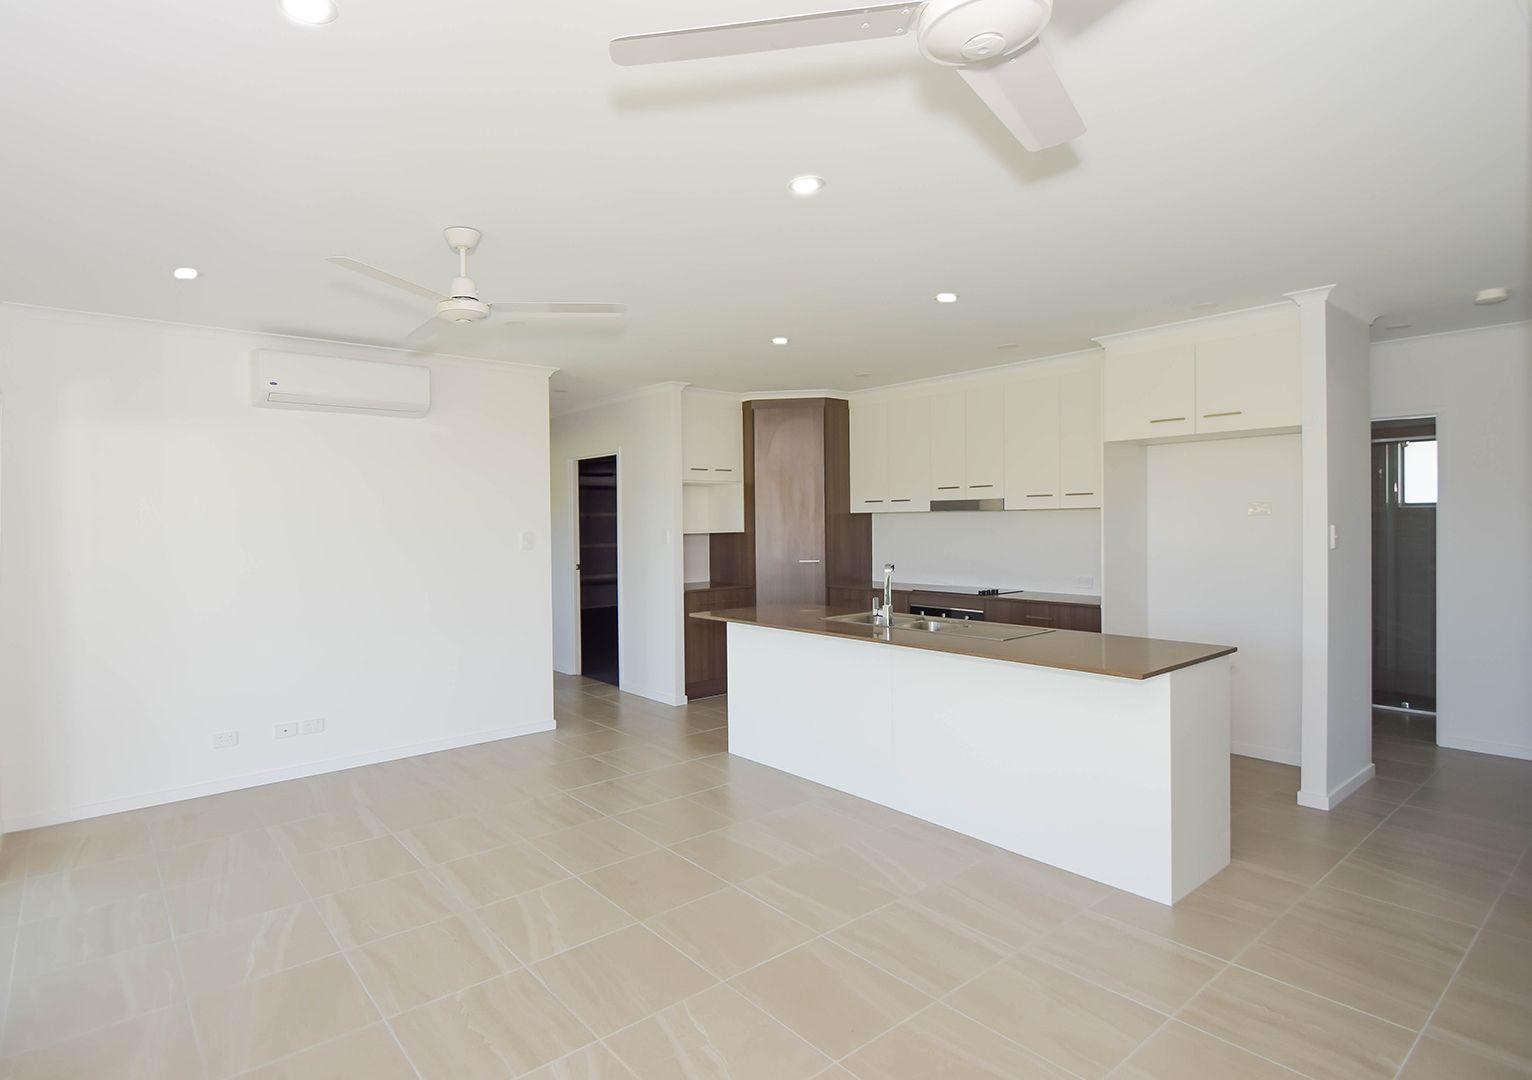 13 Ariel Place, Bli Bli QLD 4560, Image 1